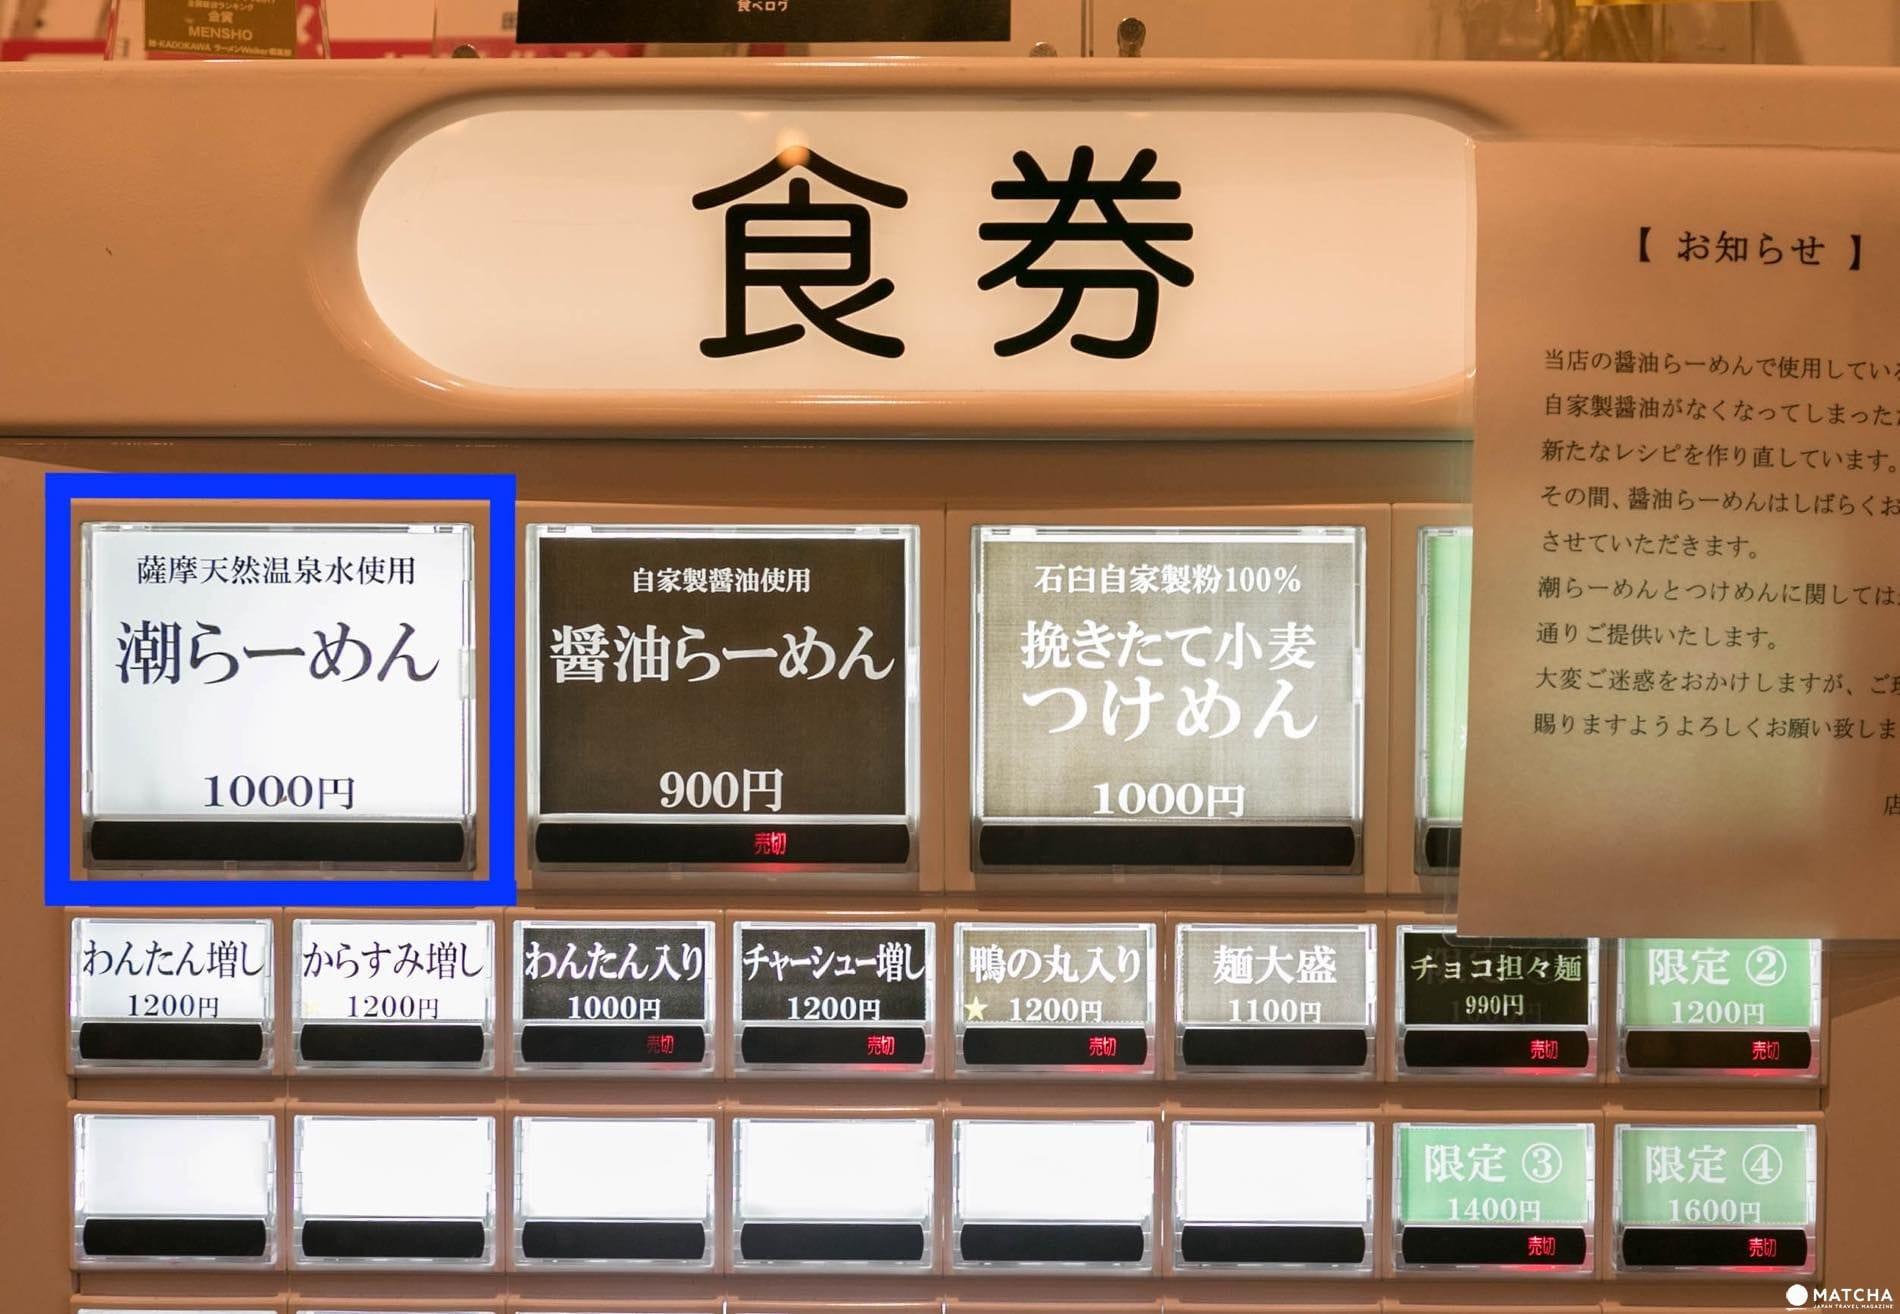 券売機におけるオススメメニューを見ぬく方法